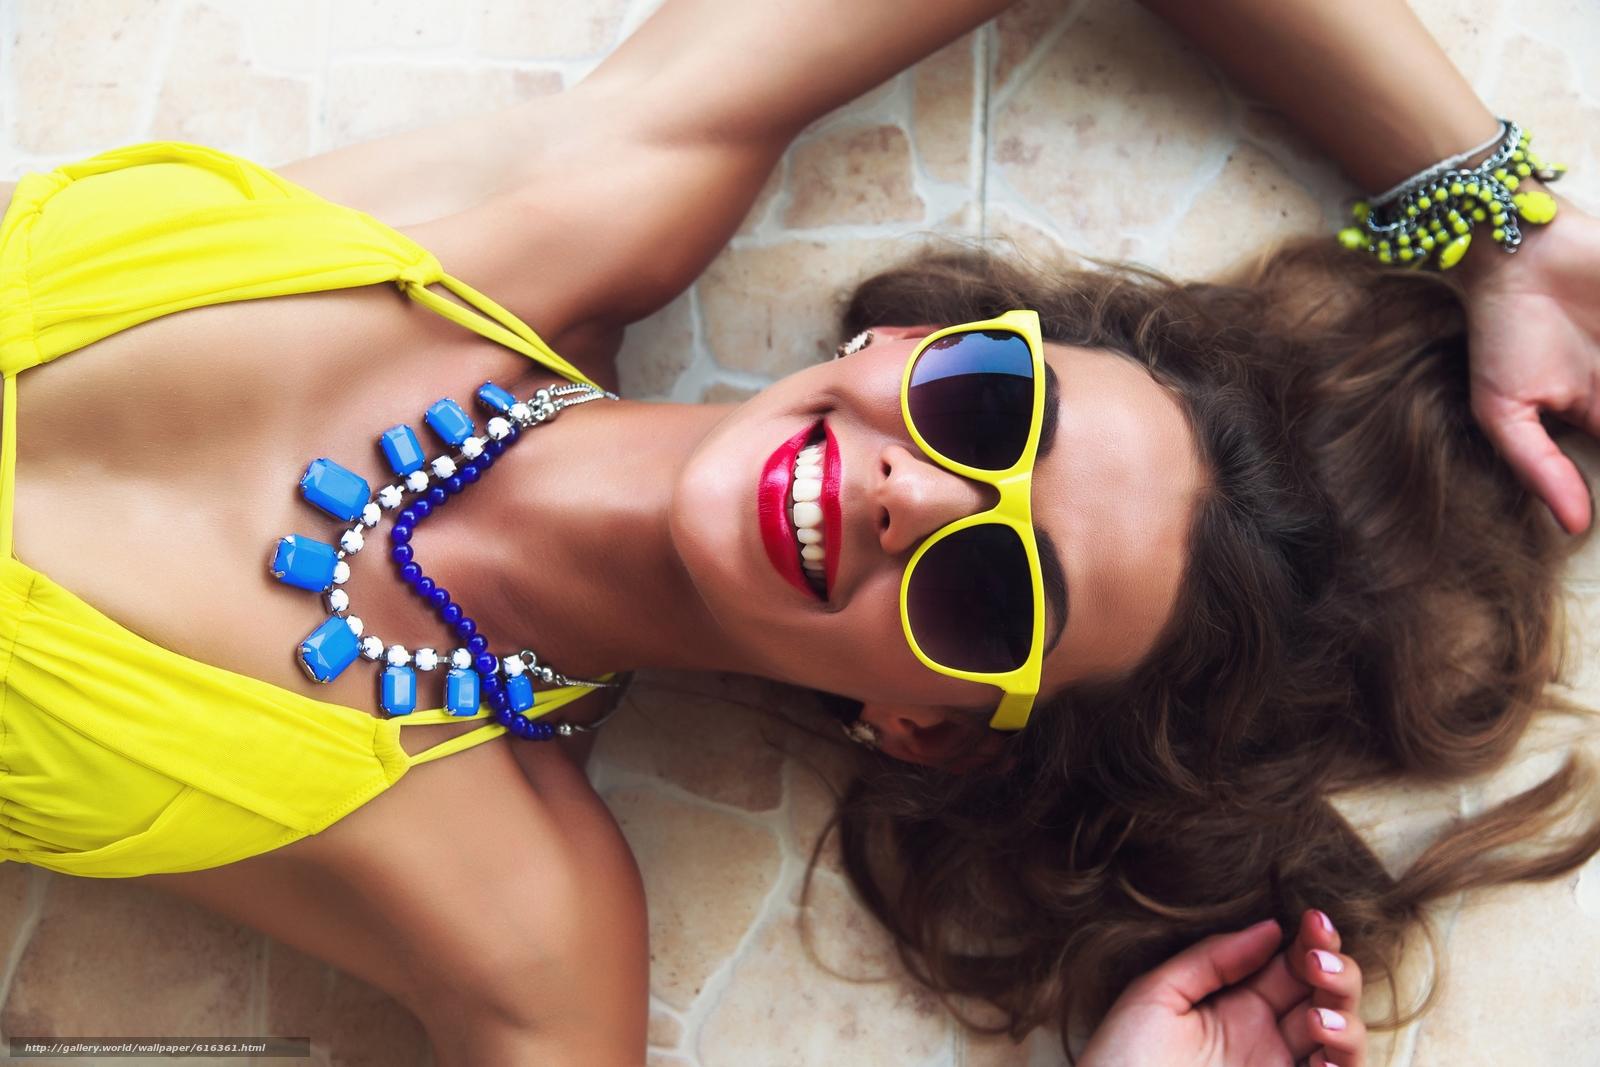 Скачать обои улыбка,  радость,  настроение,  стиль бесплатно для рабочего стола в разрешении 6000x4000 — картинка №616361